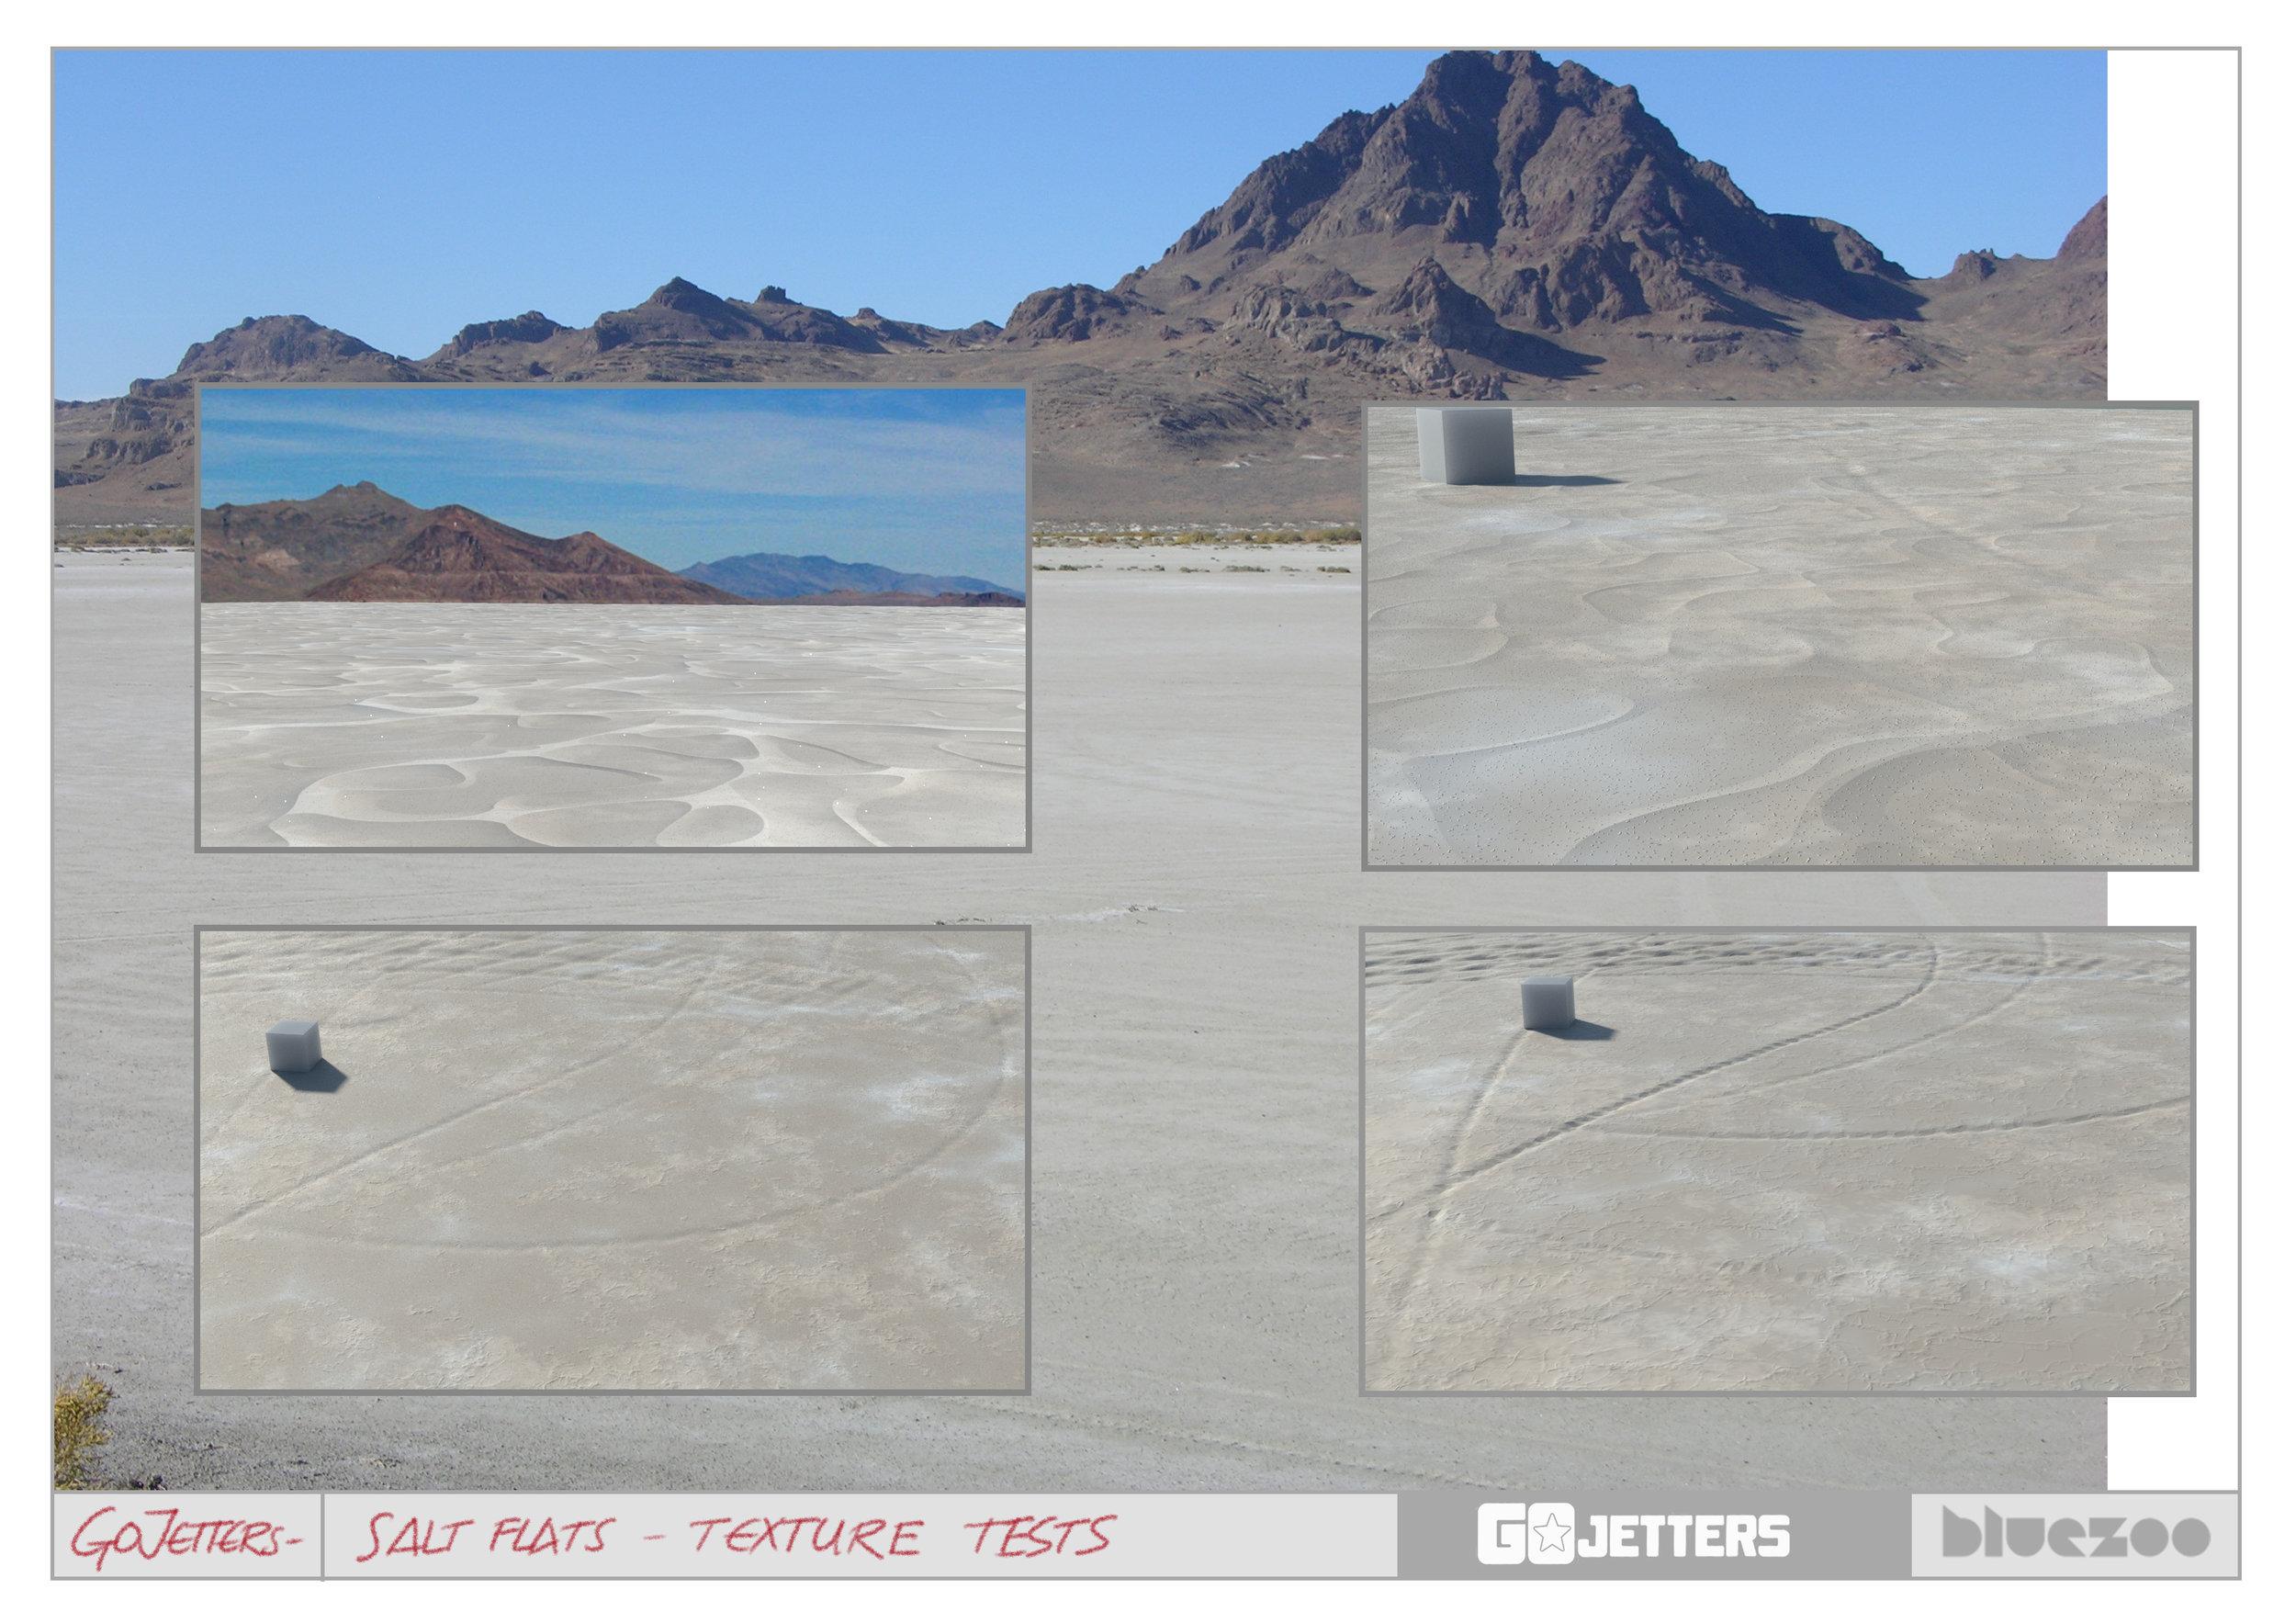 SaltFlats_texturetests.jpg